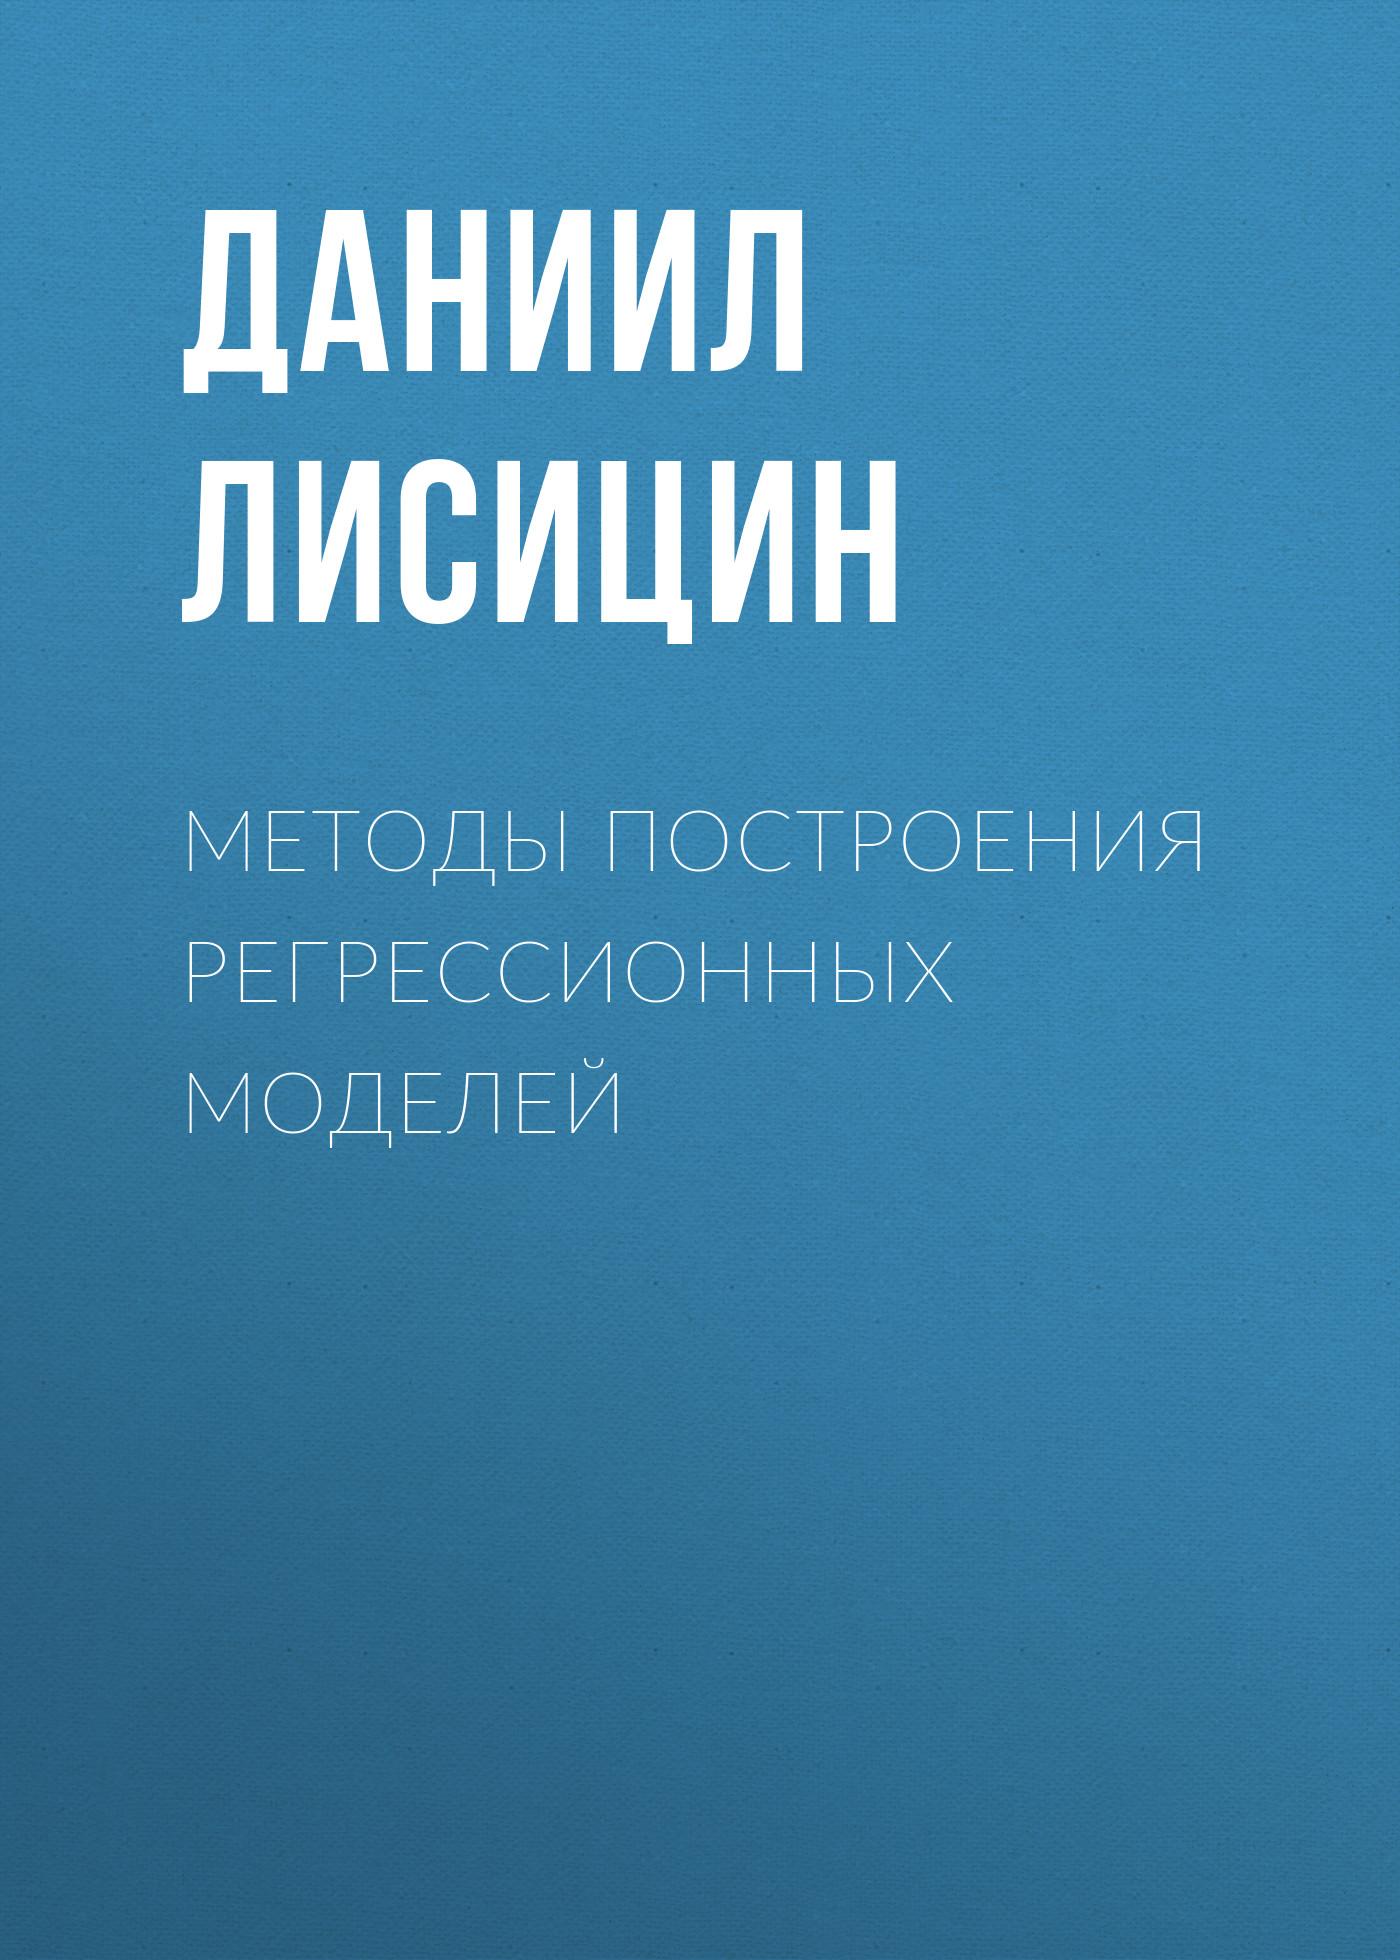 Даниил Лисицин Методы построения регрессионных моделей цена